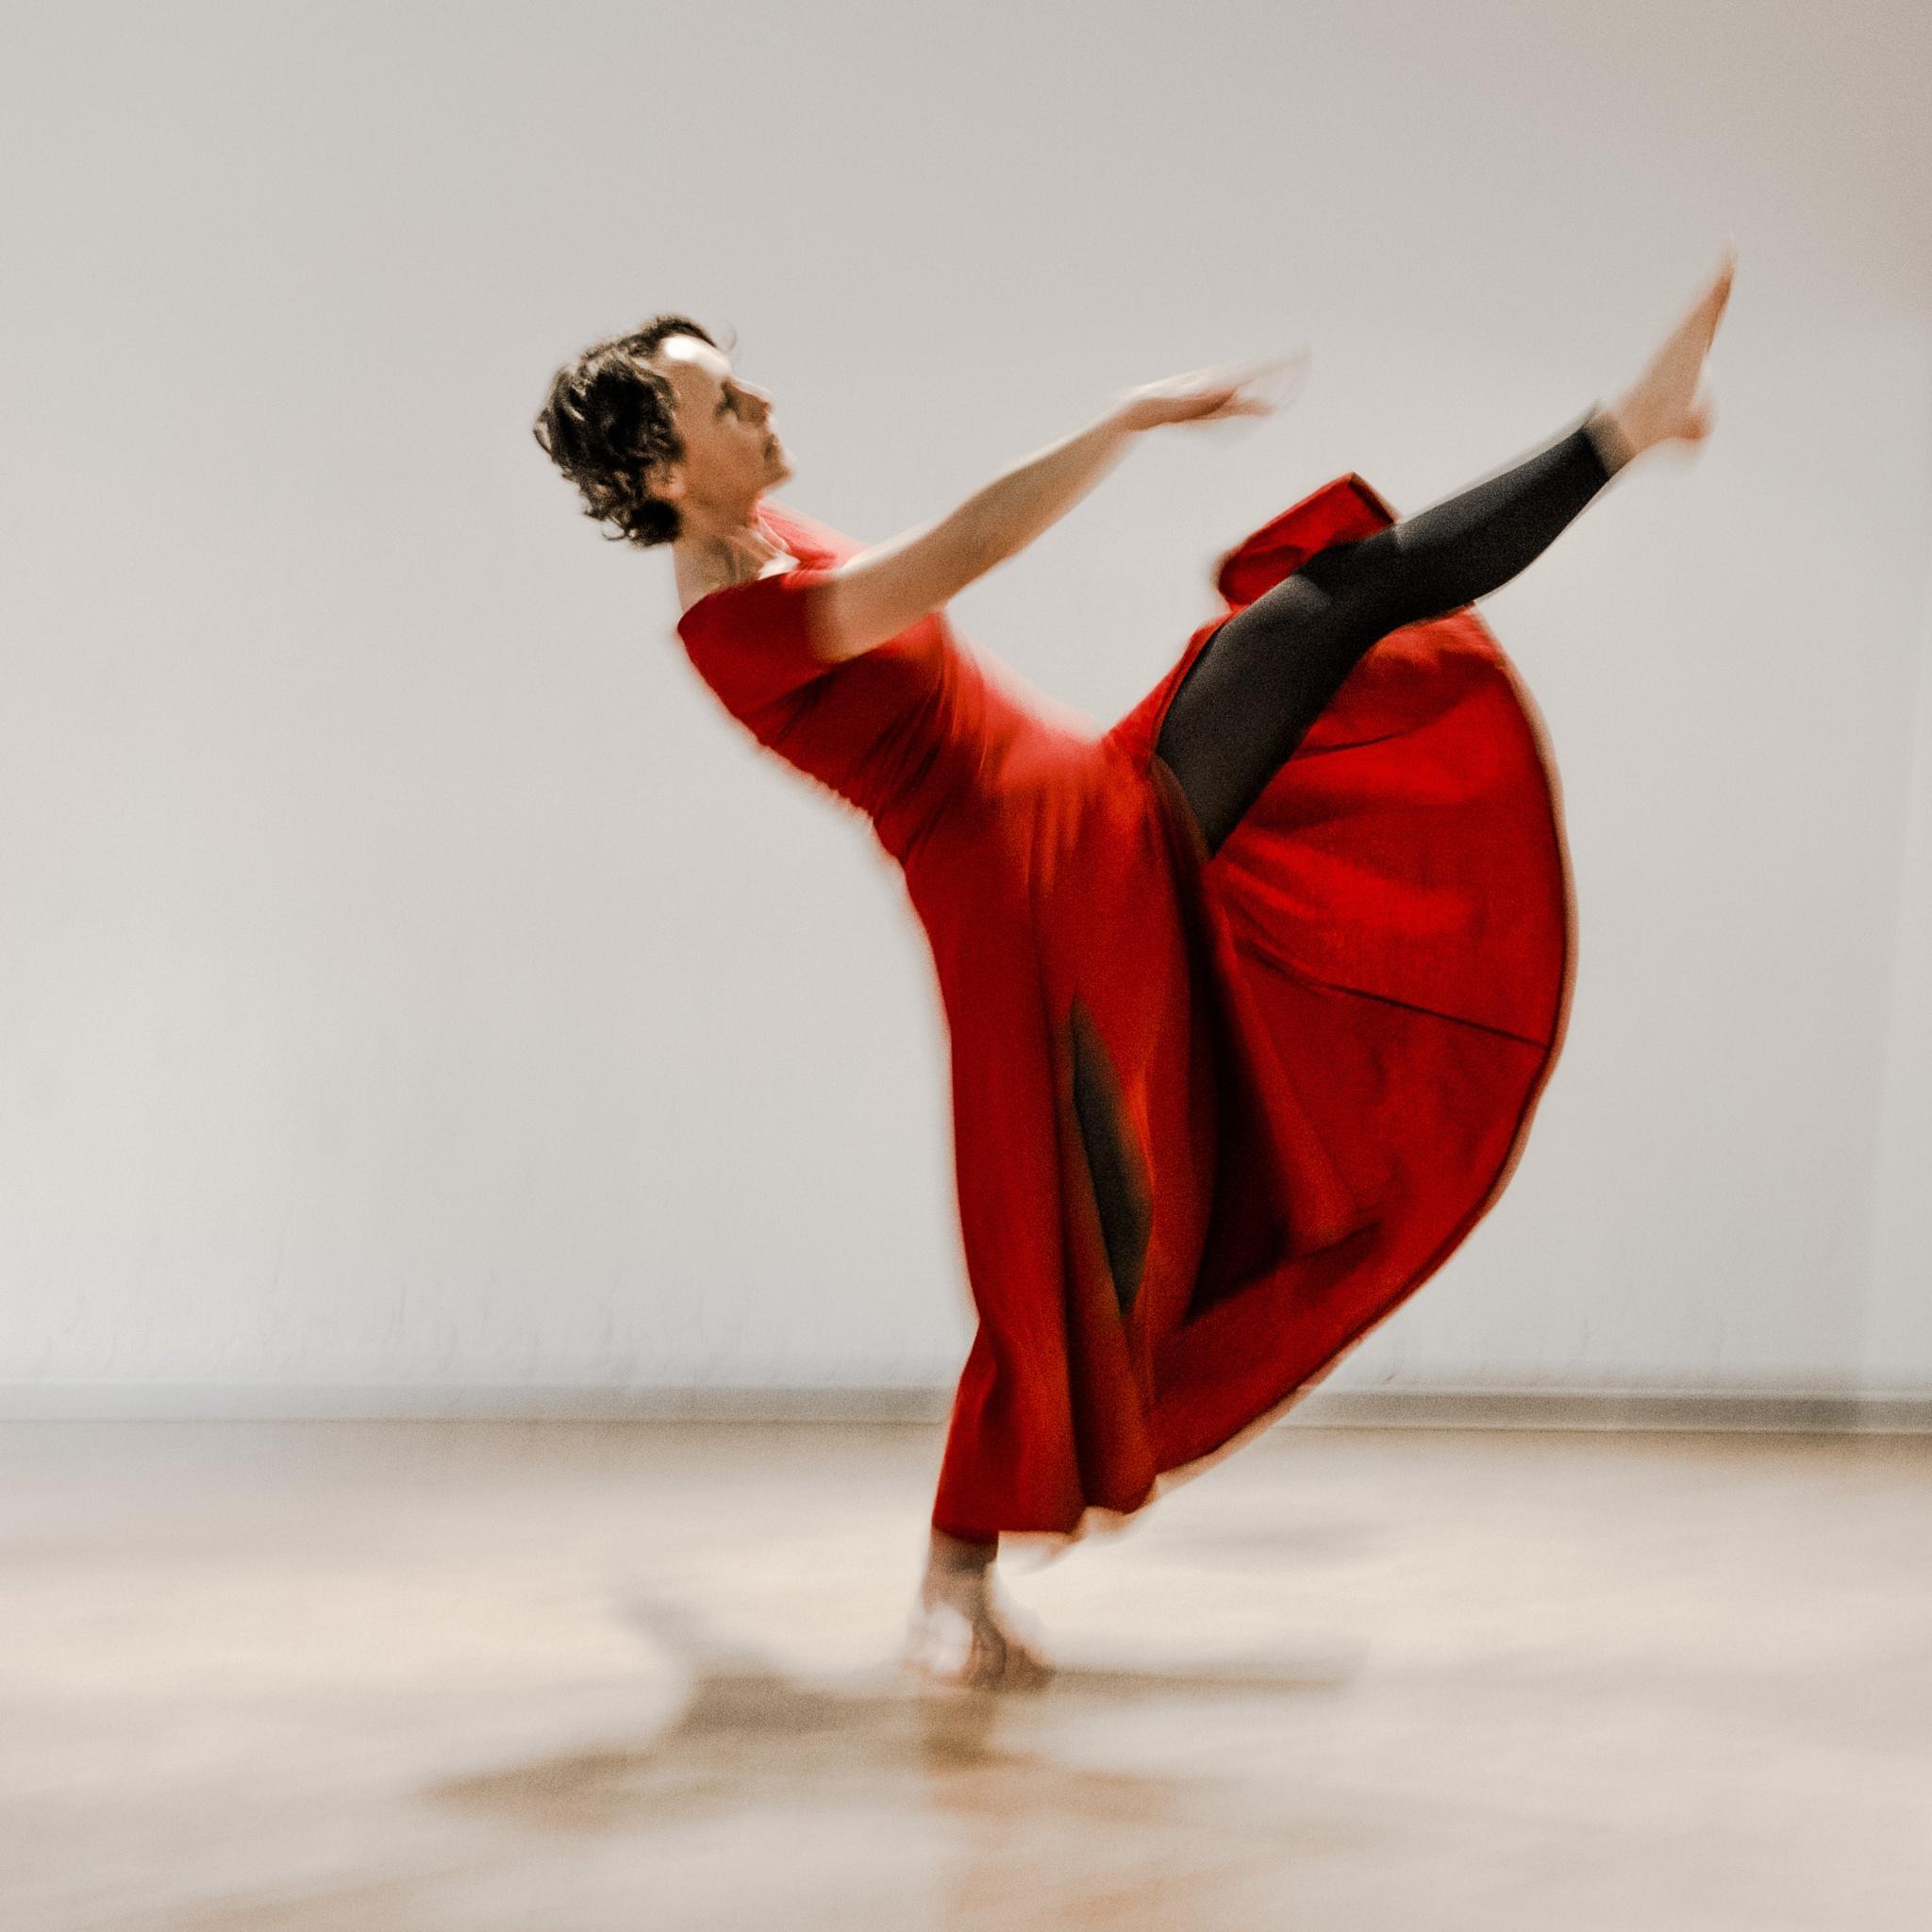 DANCE II by Werner Schrotta